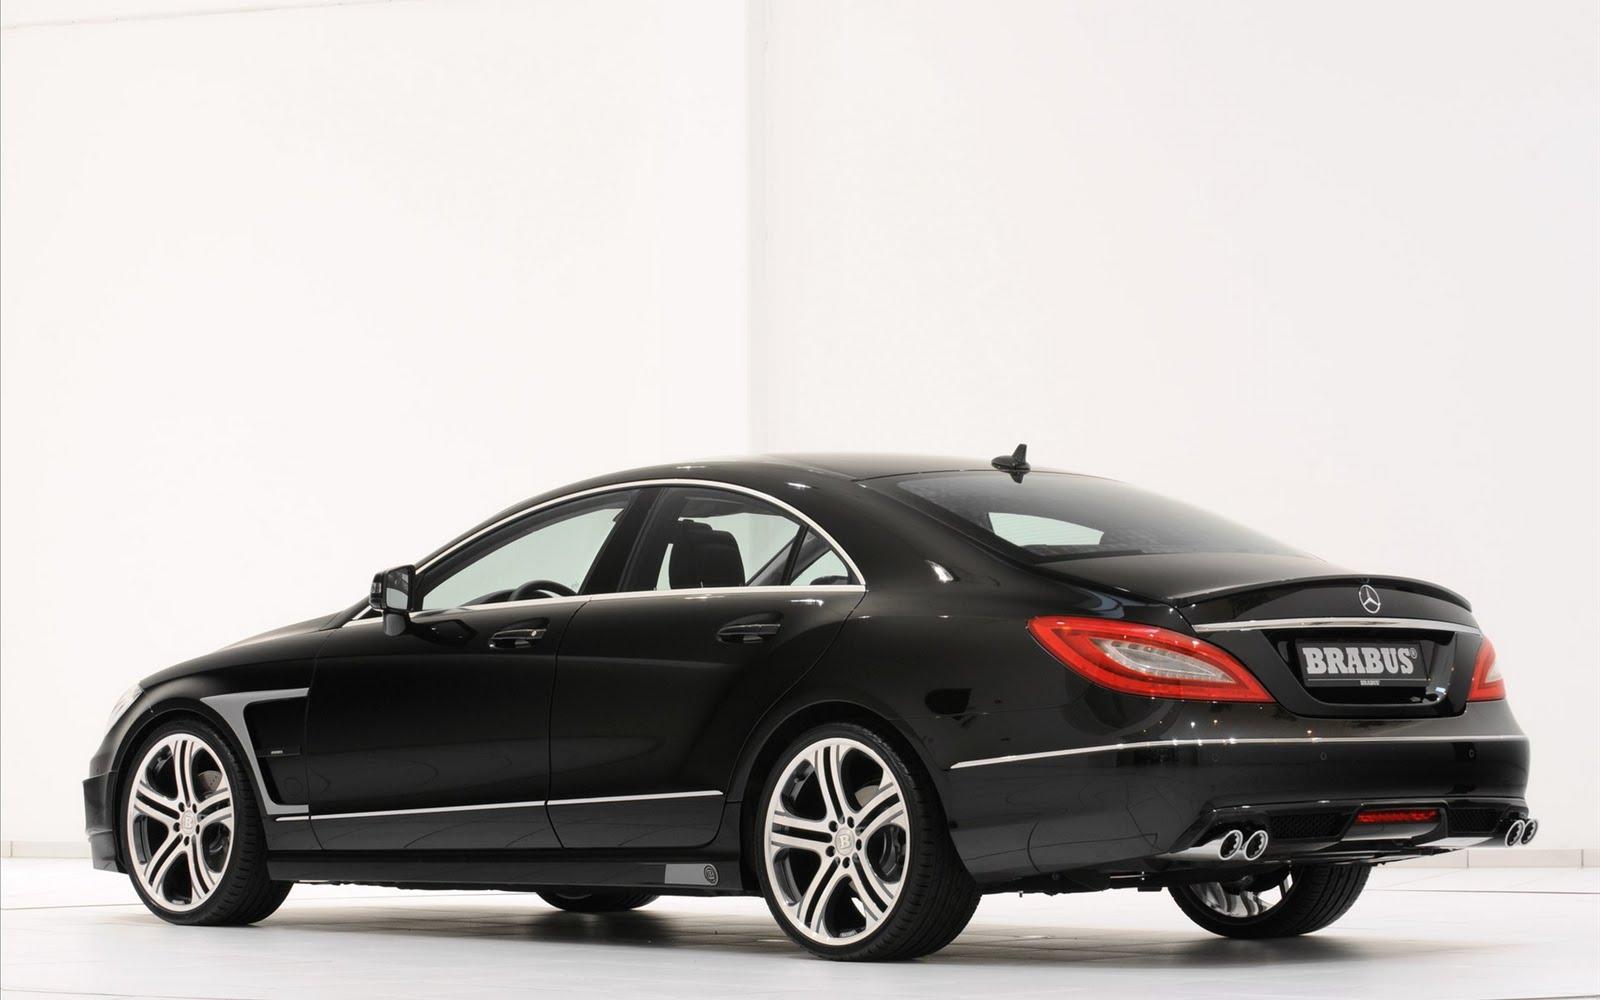 http://1.bp.blogspot.com/-y2SYXfYek4c/TZP5QMDXfuI/AAAAAAAAAN8/s5389kABMac/s1600/Brabus-Mercedes-Benz-CLS-Coupe-2011-widescreen-02.jpg